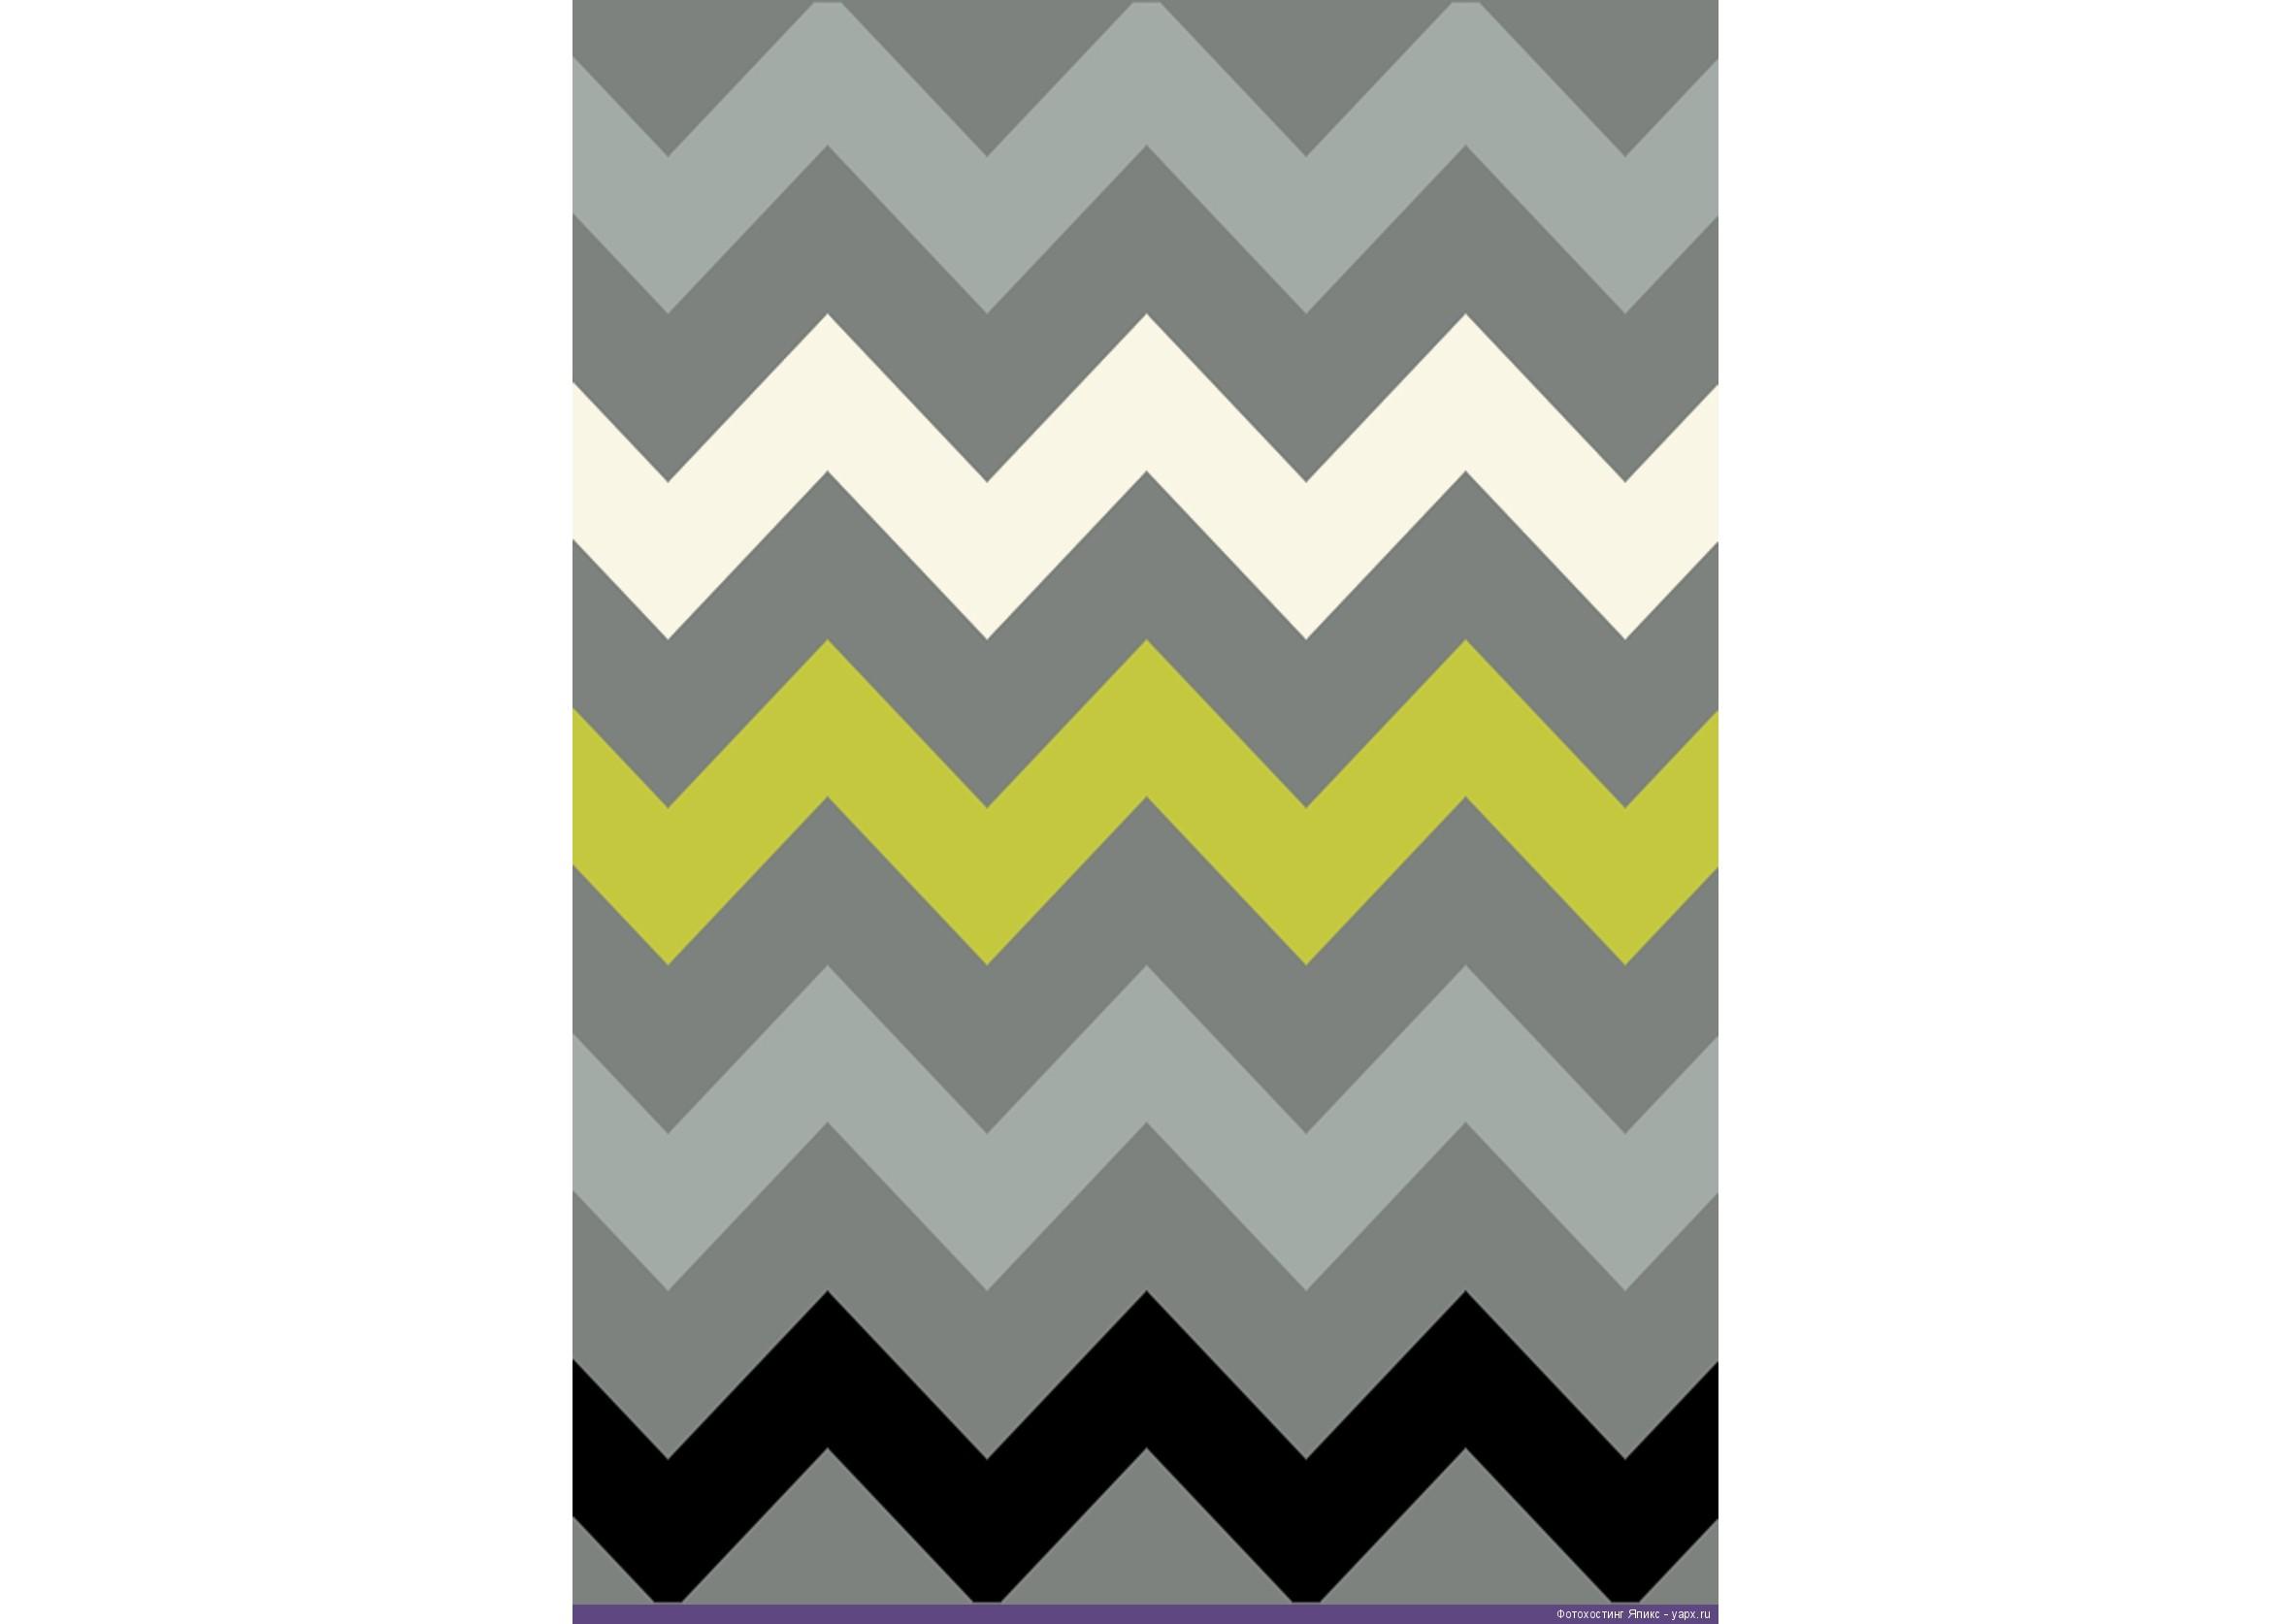 Ковер Flash 225х160Прямоугольные ковры<br>В коллекции Flash всегда новые трендовые дизайны.&amp;lt;div&amp;gt;Материал: 100% Полипропилен.&amp;lt;br&amp;gt;&amp;lt;/div&amp;gt;<br><br>Material: Текстиль<br>Ширина см: 225<br>Глубина см: 160